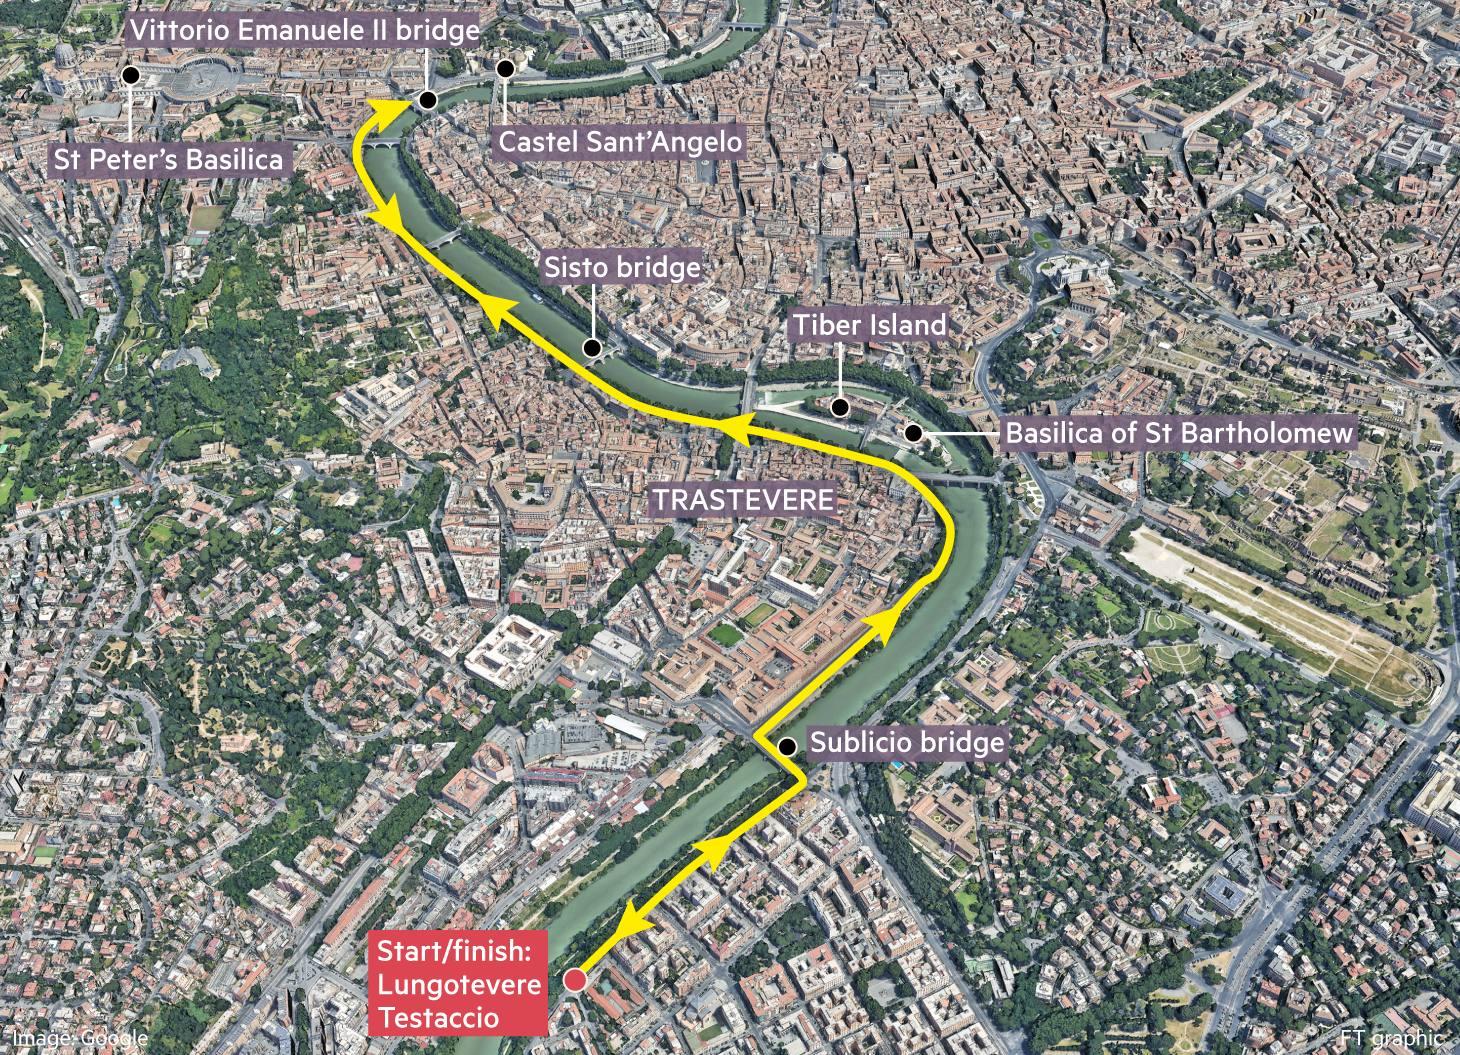 Globetrotter running map of Lungotevere and Trastevere, Rome